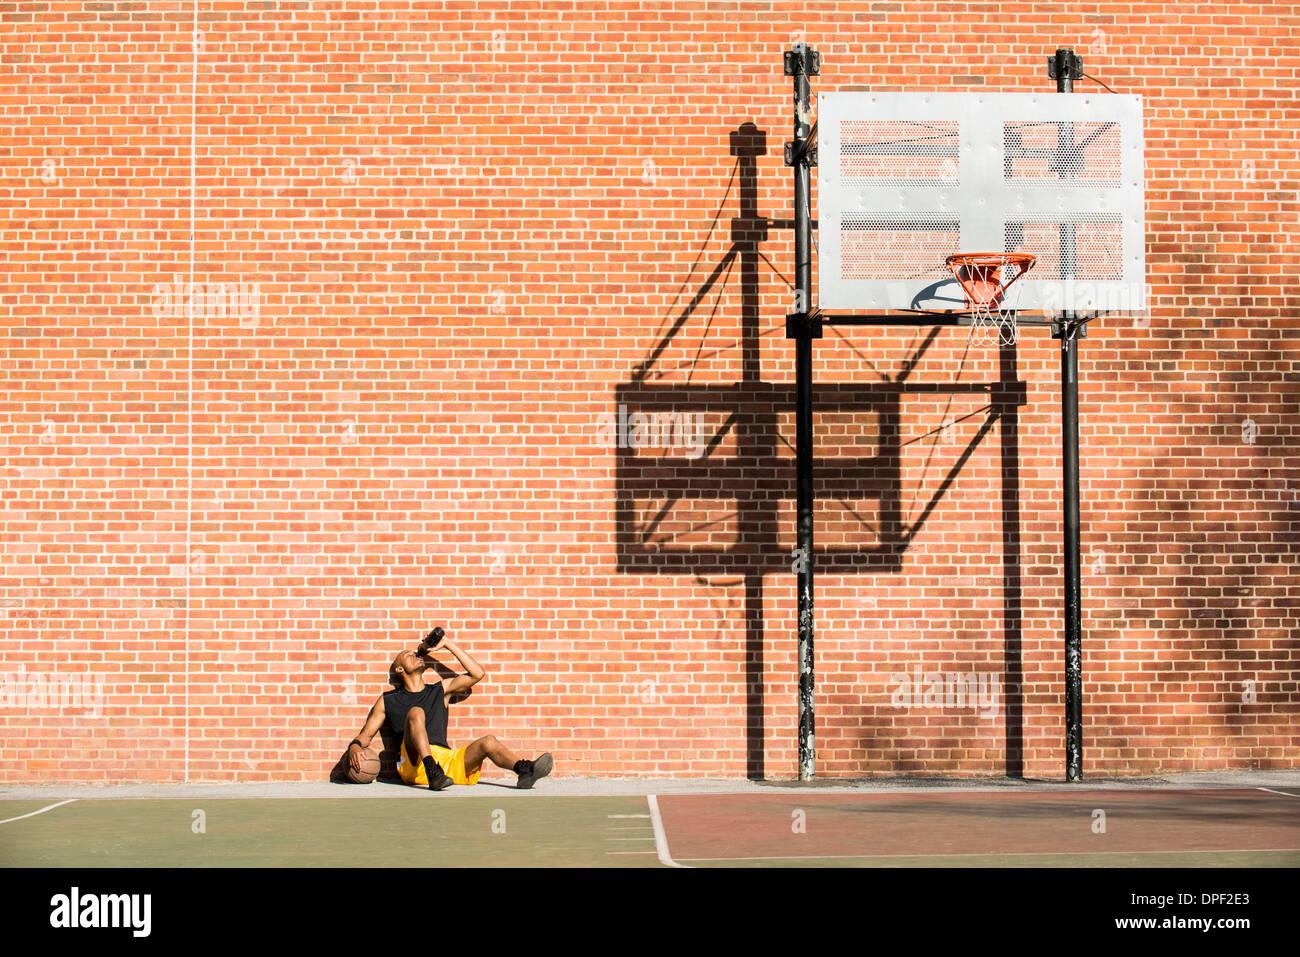 Basketball-Spieler ruht auf Gericht Stockfoto